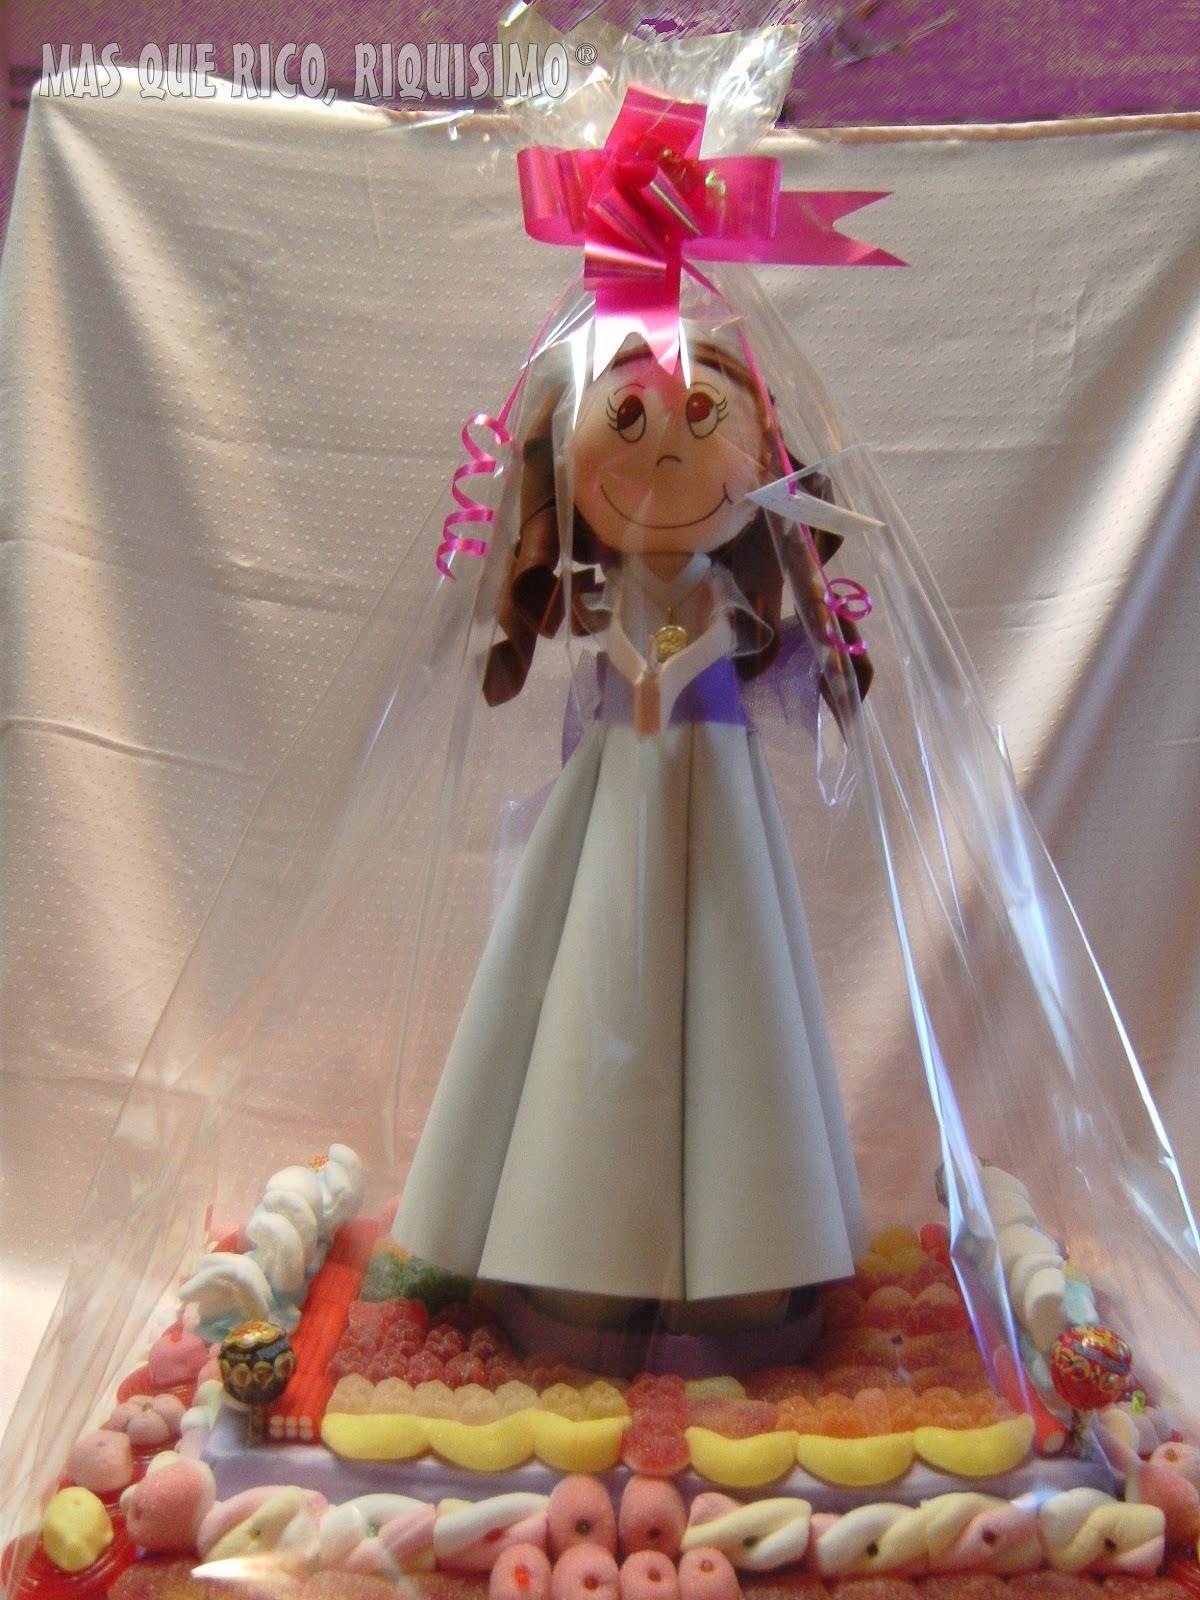 297566018c6 ... tarta con fofucha para regalar a Lucía. El objetivo era sorprender y  endulzar a todos. Espero de corazón que lo consiguiera y me satisface  enormemente ...